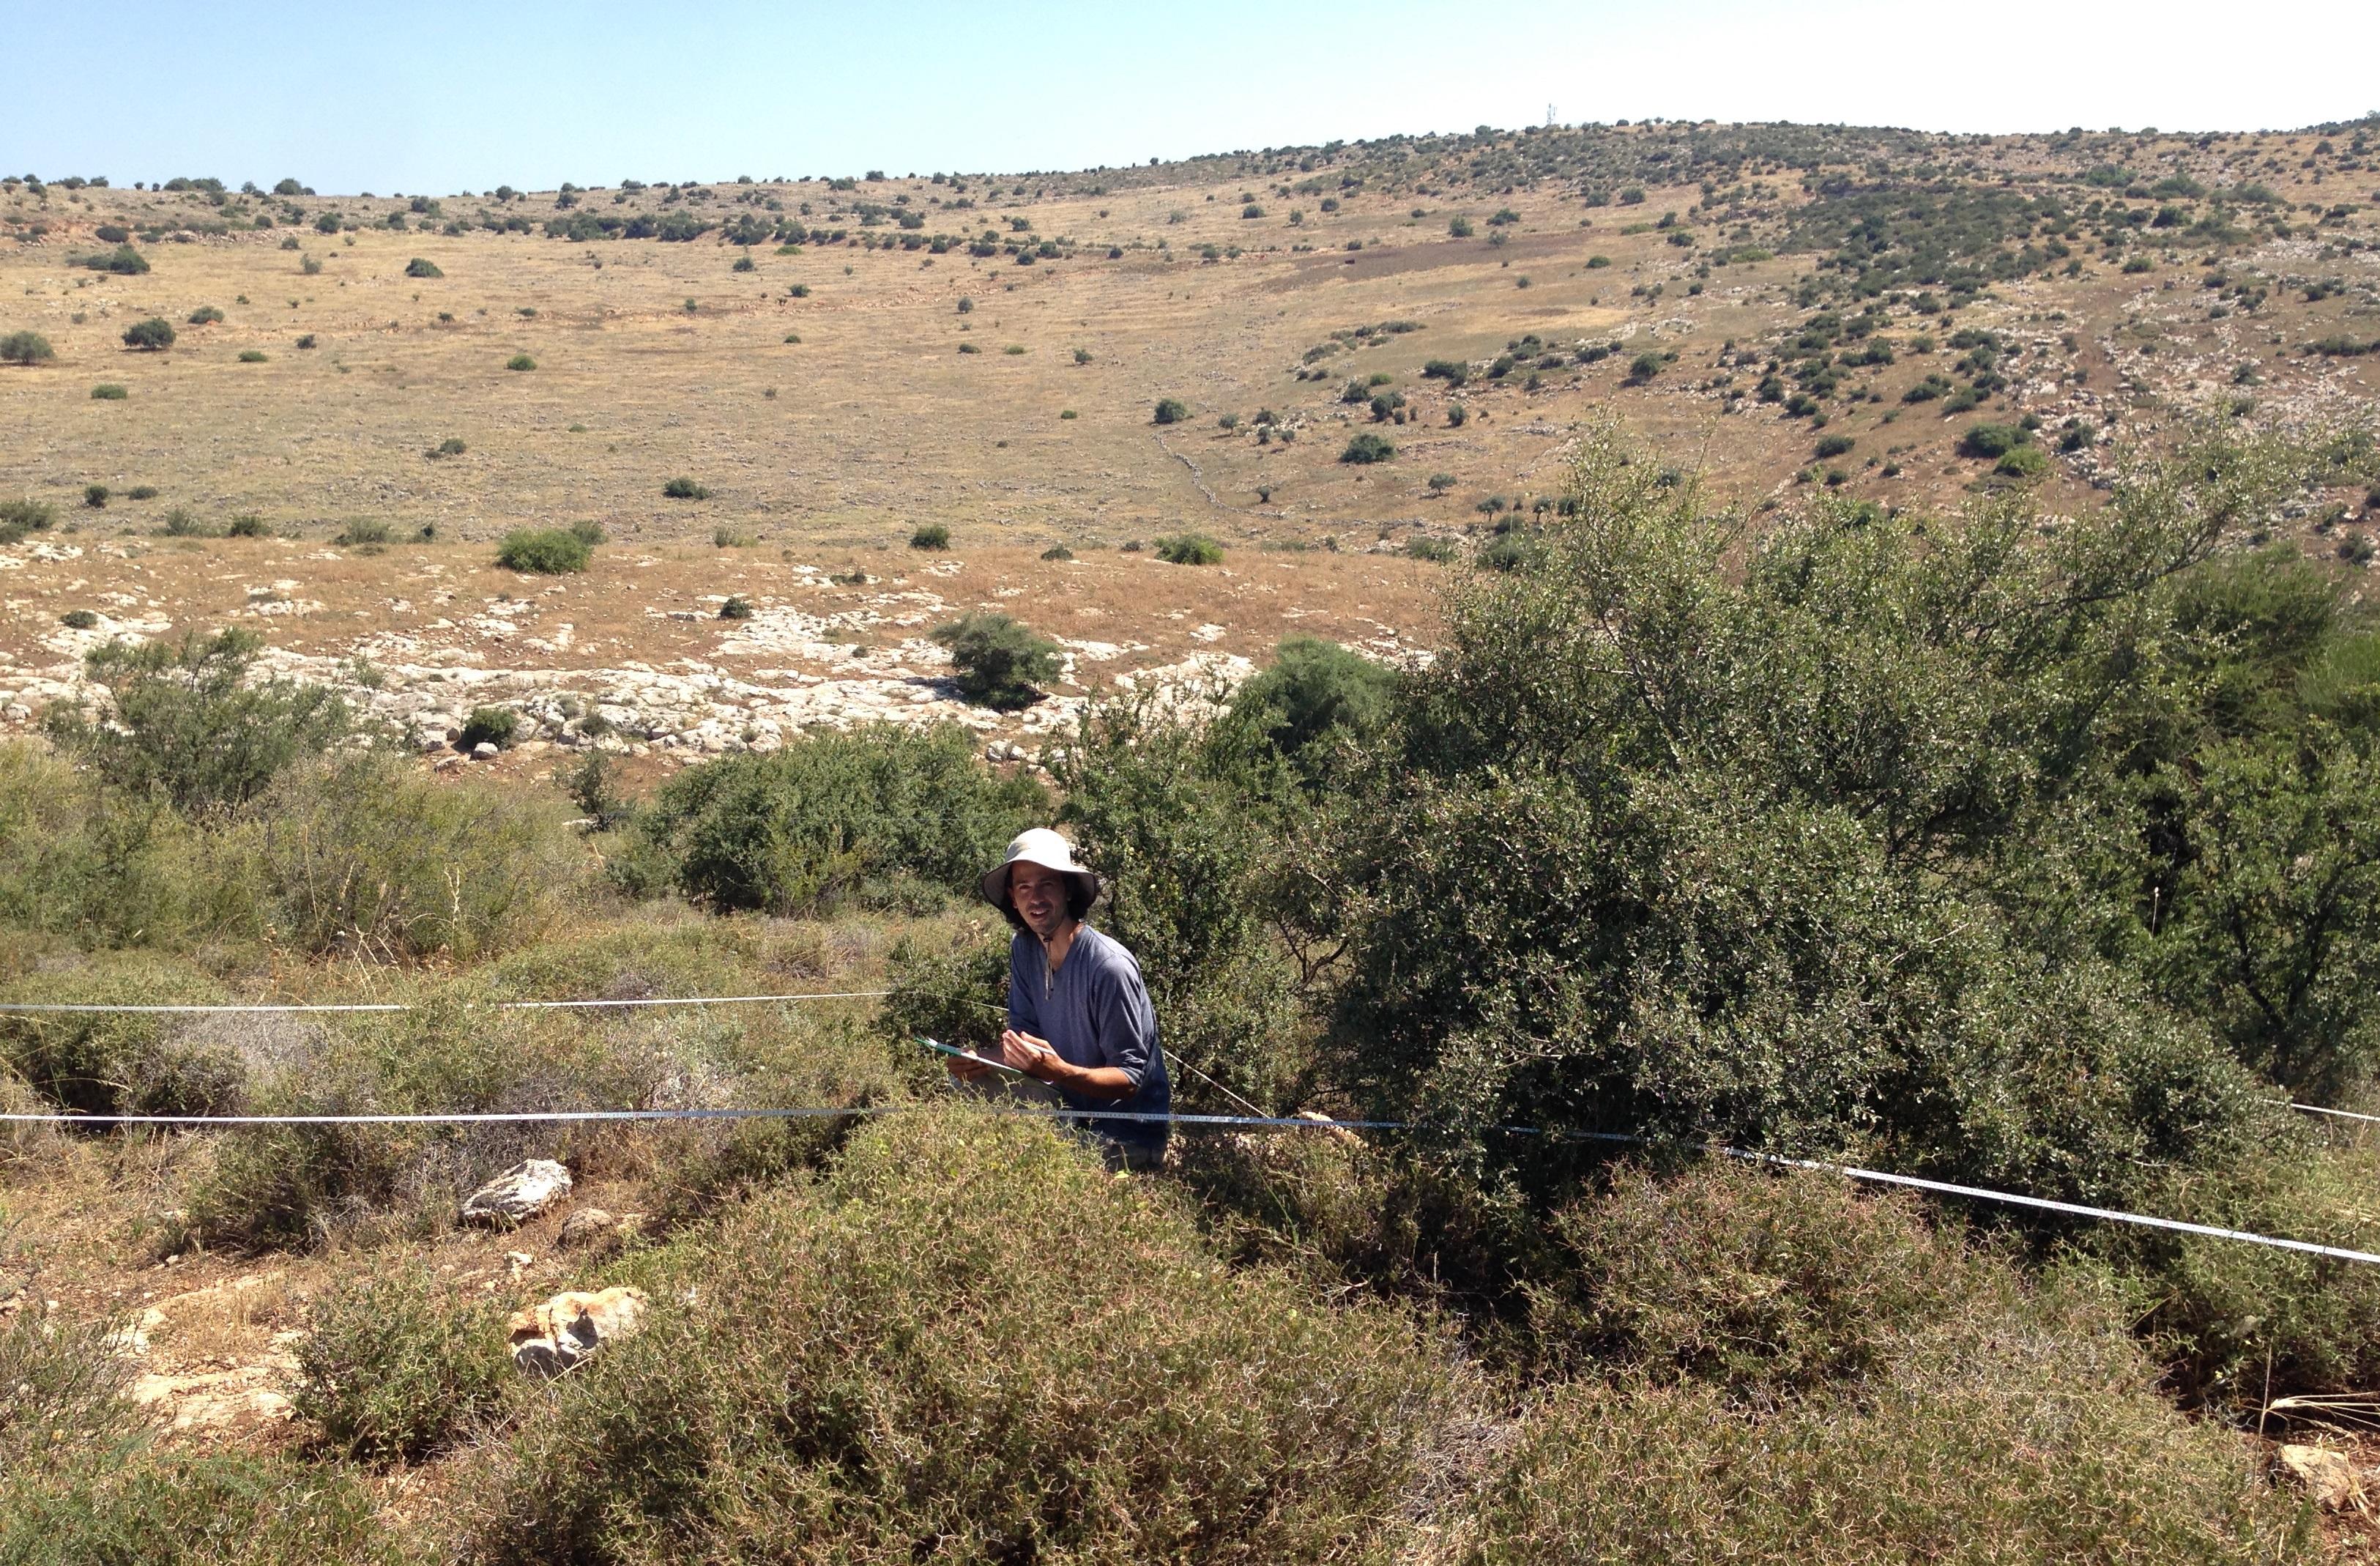 הבוטנאי בר שמש בשטח- צילום יואל חסון